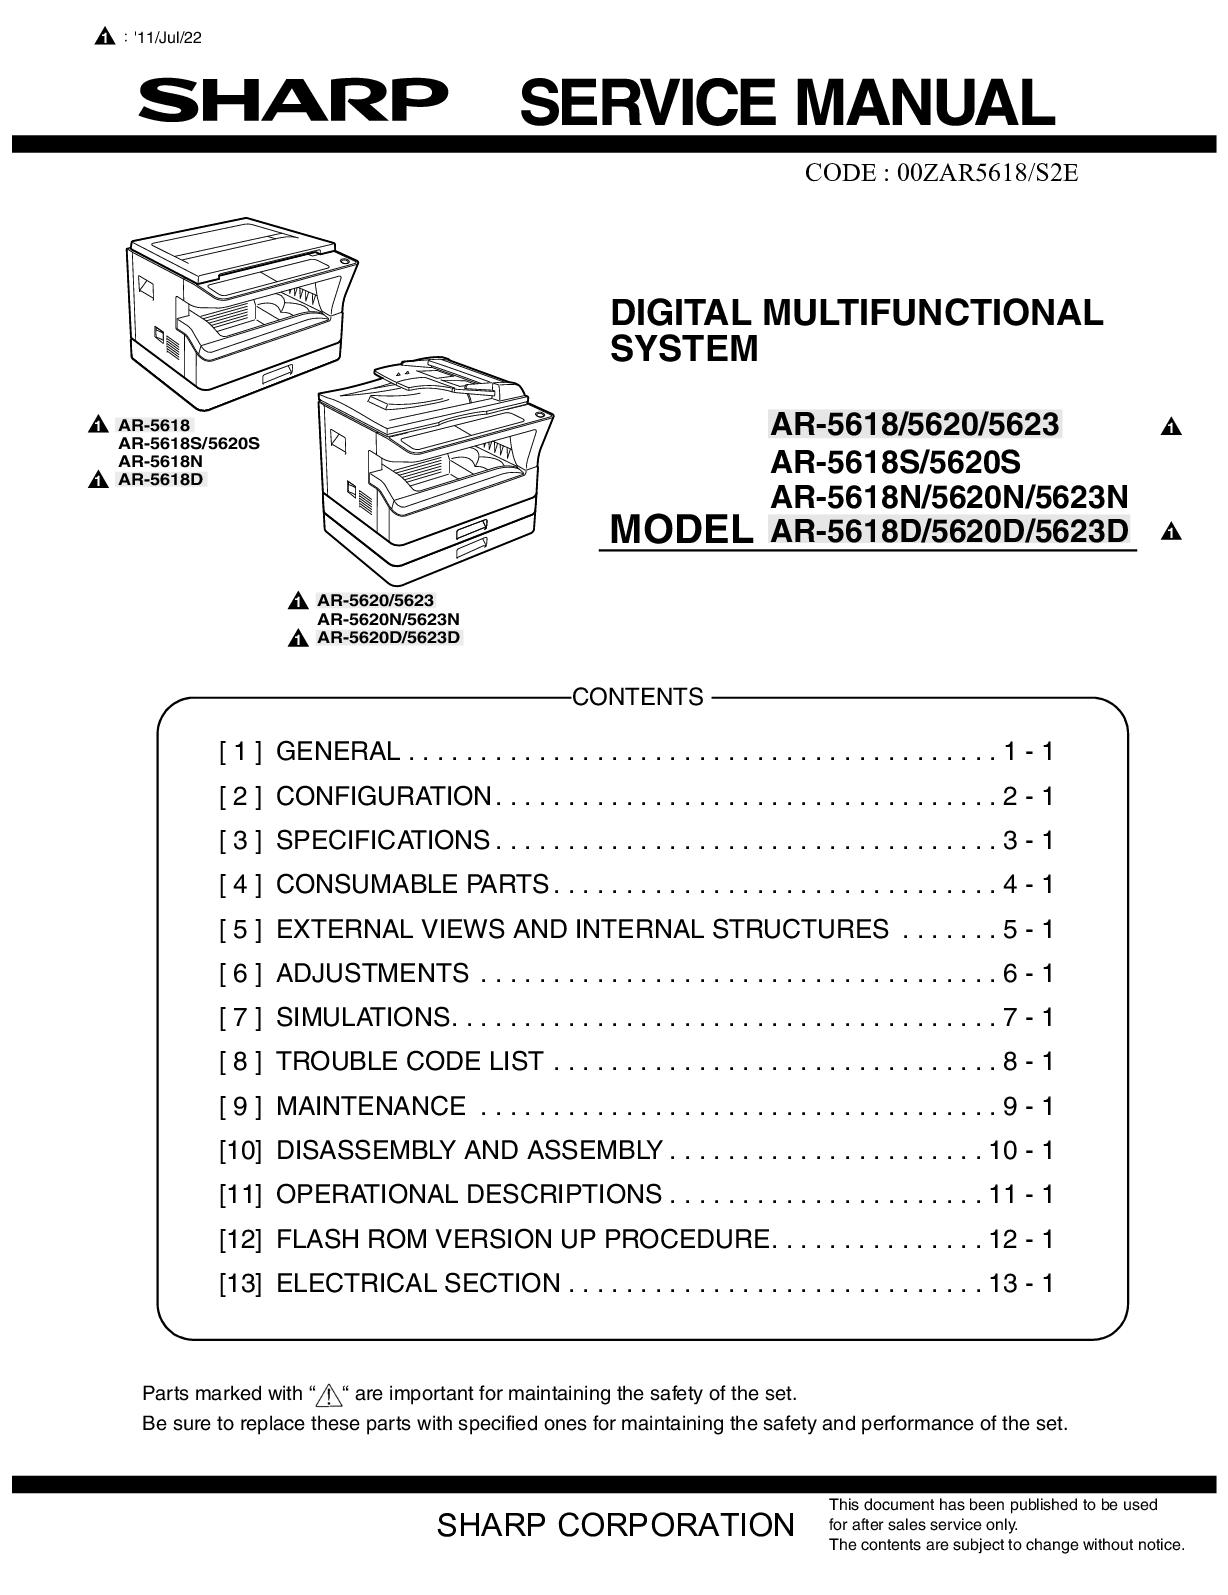 Calaméo - Service Manual Sharp AR-5618/5620/5623